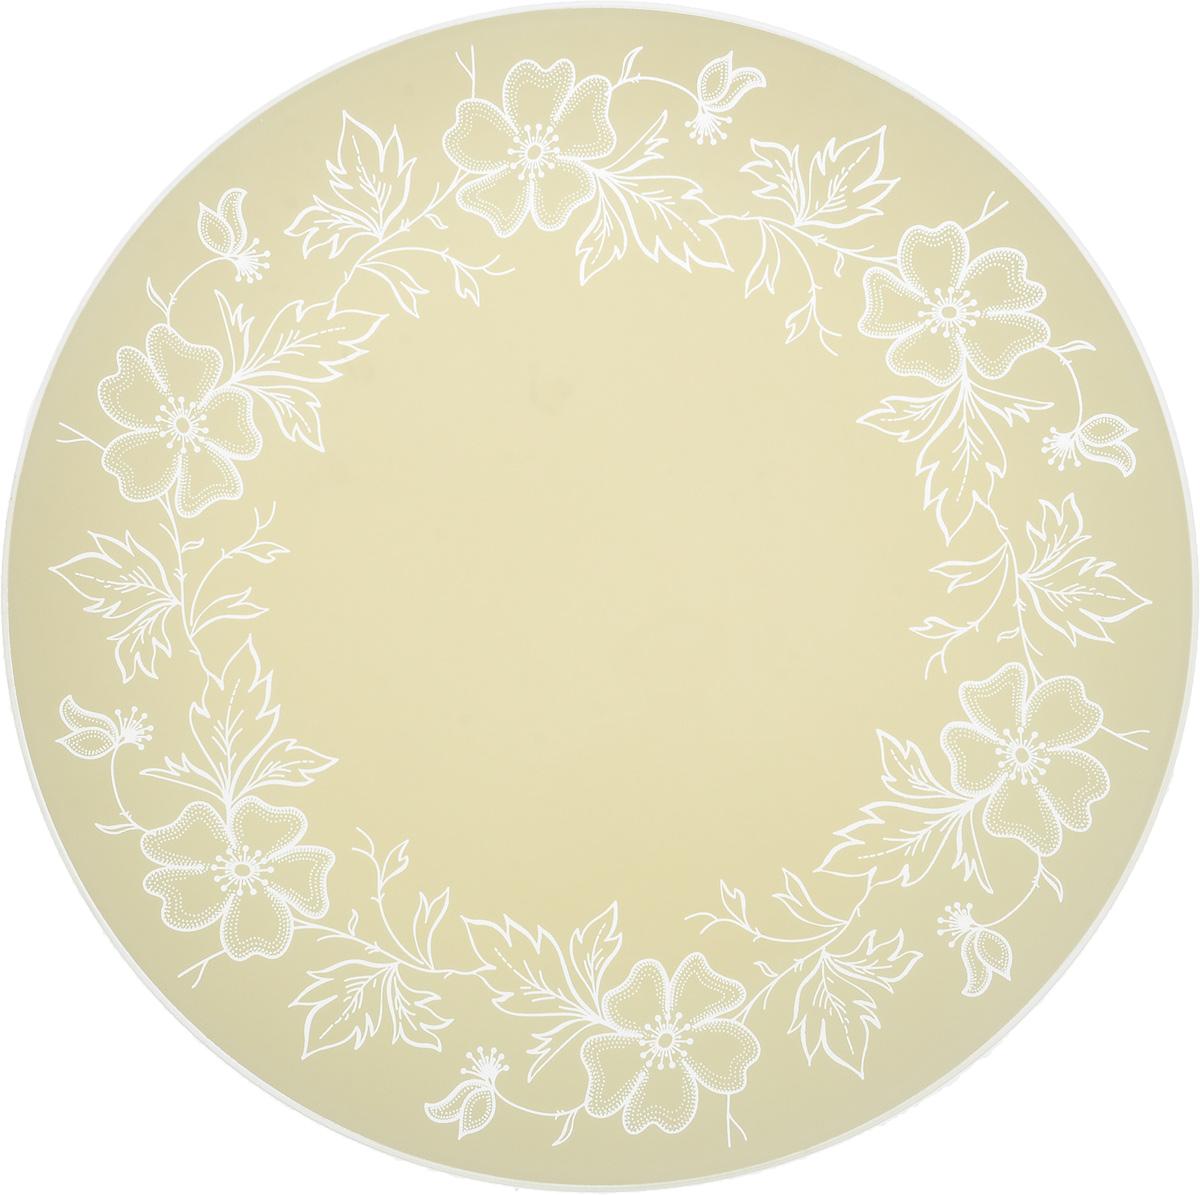 Тарелка NiNaGlass Лара, цвет: светло-бежевый, диаметр 30 см85-300-075/белТарелка NiNaGlass Лара выполнена из высококачественного стекла и оформленакрасивым цветочным узором. Тарелка идеальна для сервировки закусок, нарезок, овощей и фруктов. Она отлично подойдет как для повседневных, так идля торжественных случаев.Такая тарелка прекрасно впишется в интерьер вашей кухни и станет достойнымдополнением к кухонному инвентарю.